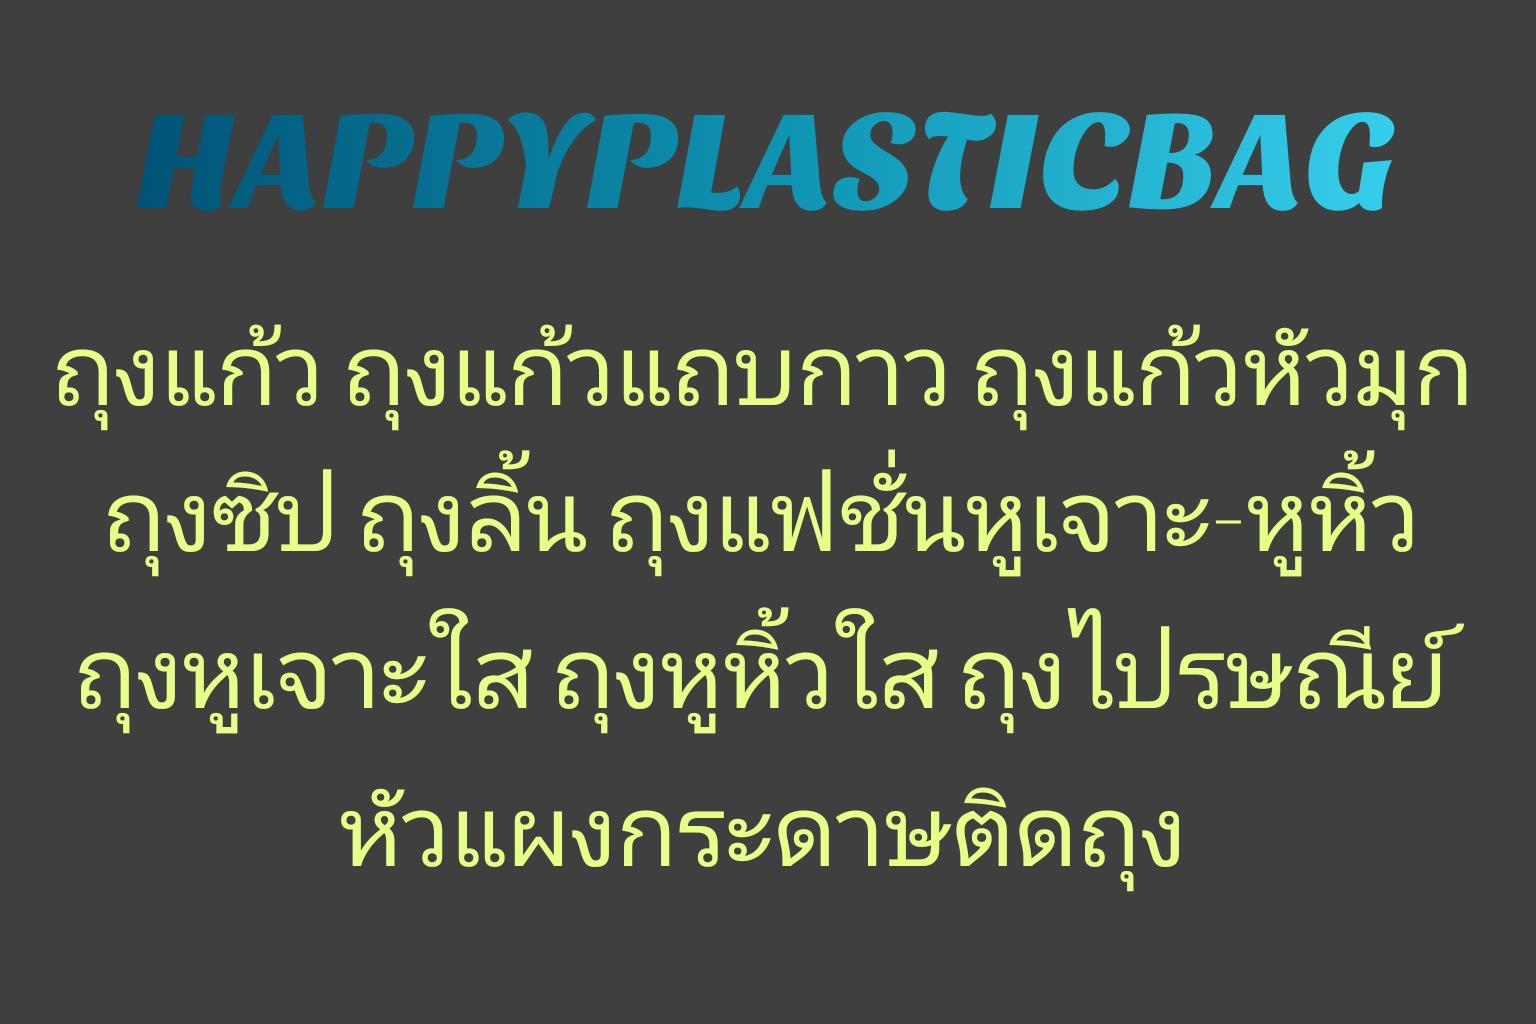 Happyplasticbag